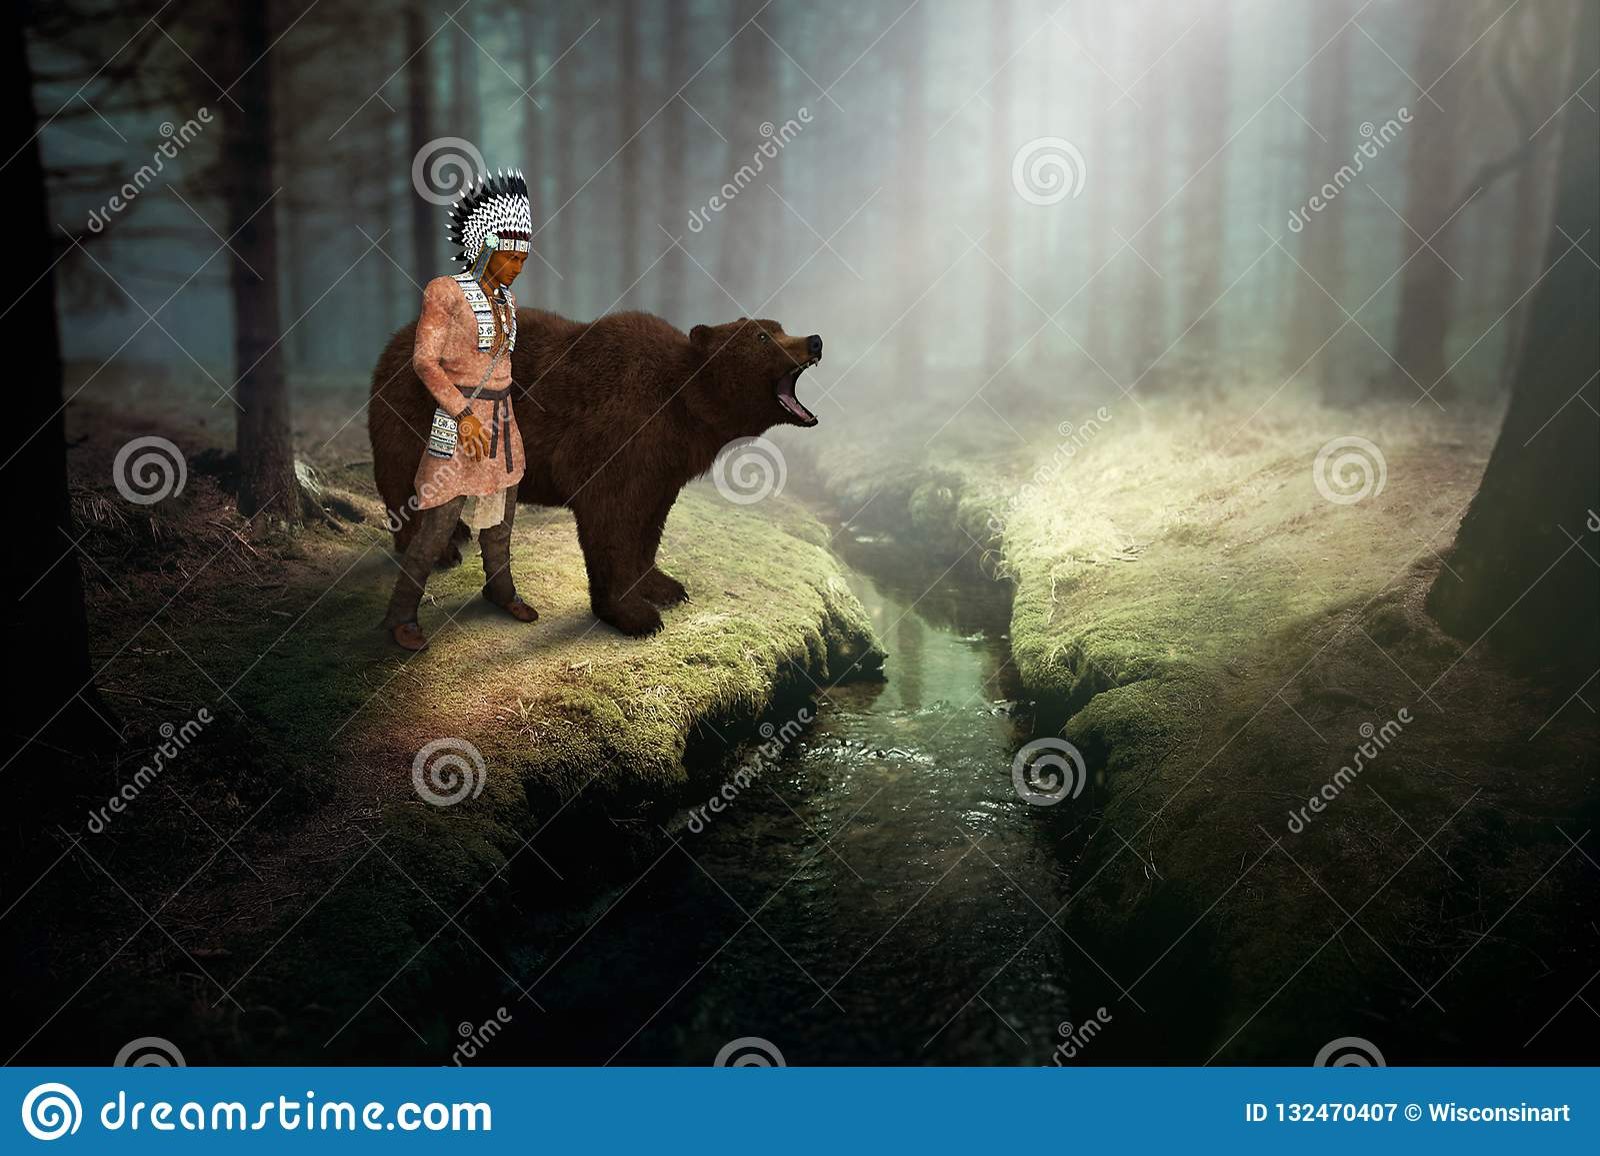 当地美洲印第安人,北美灰熊,自然,野生生物